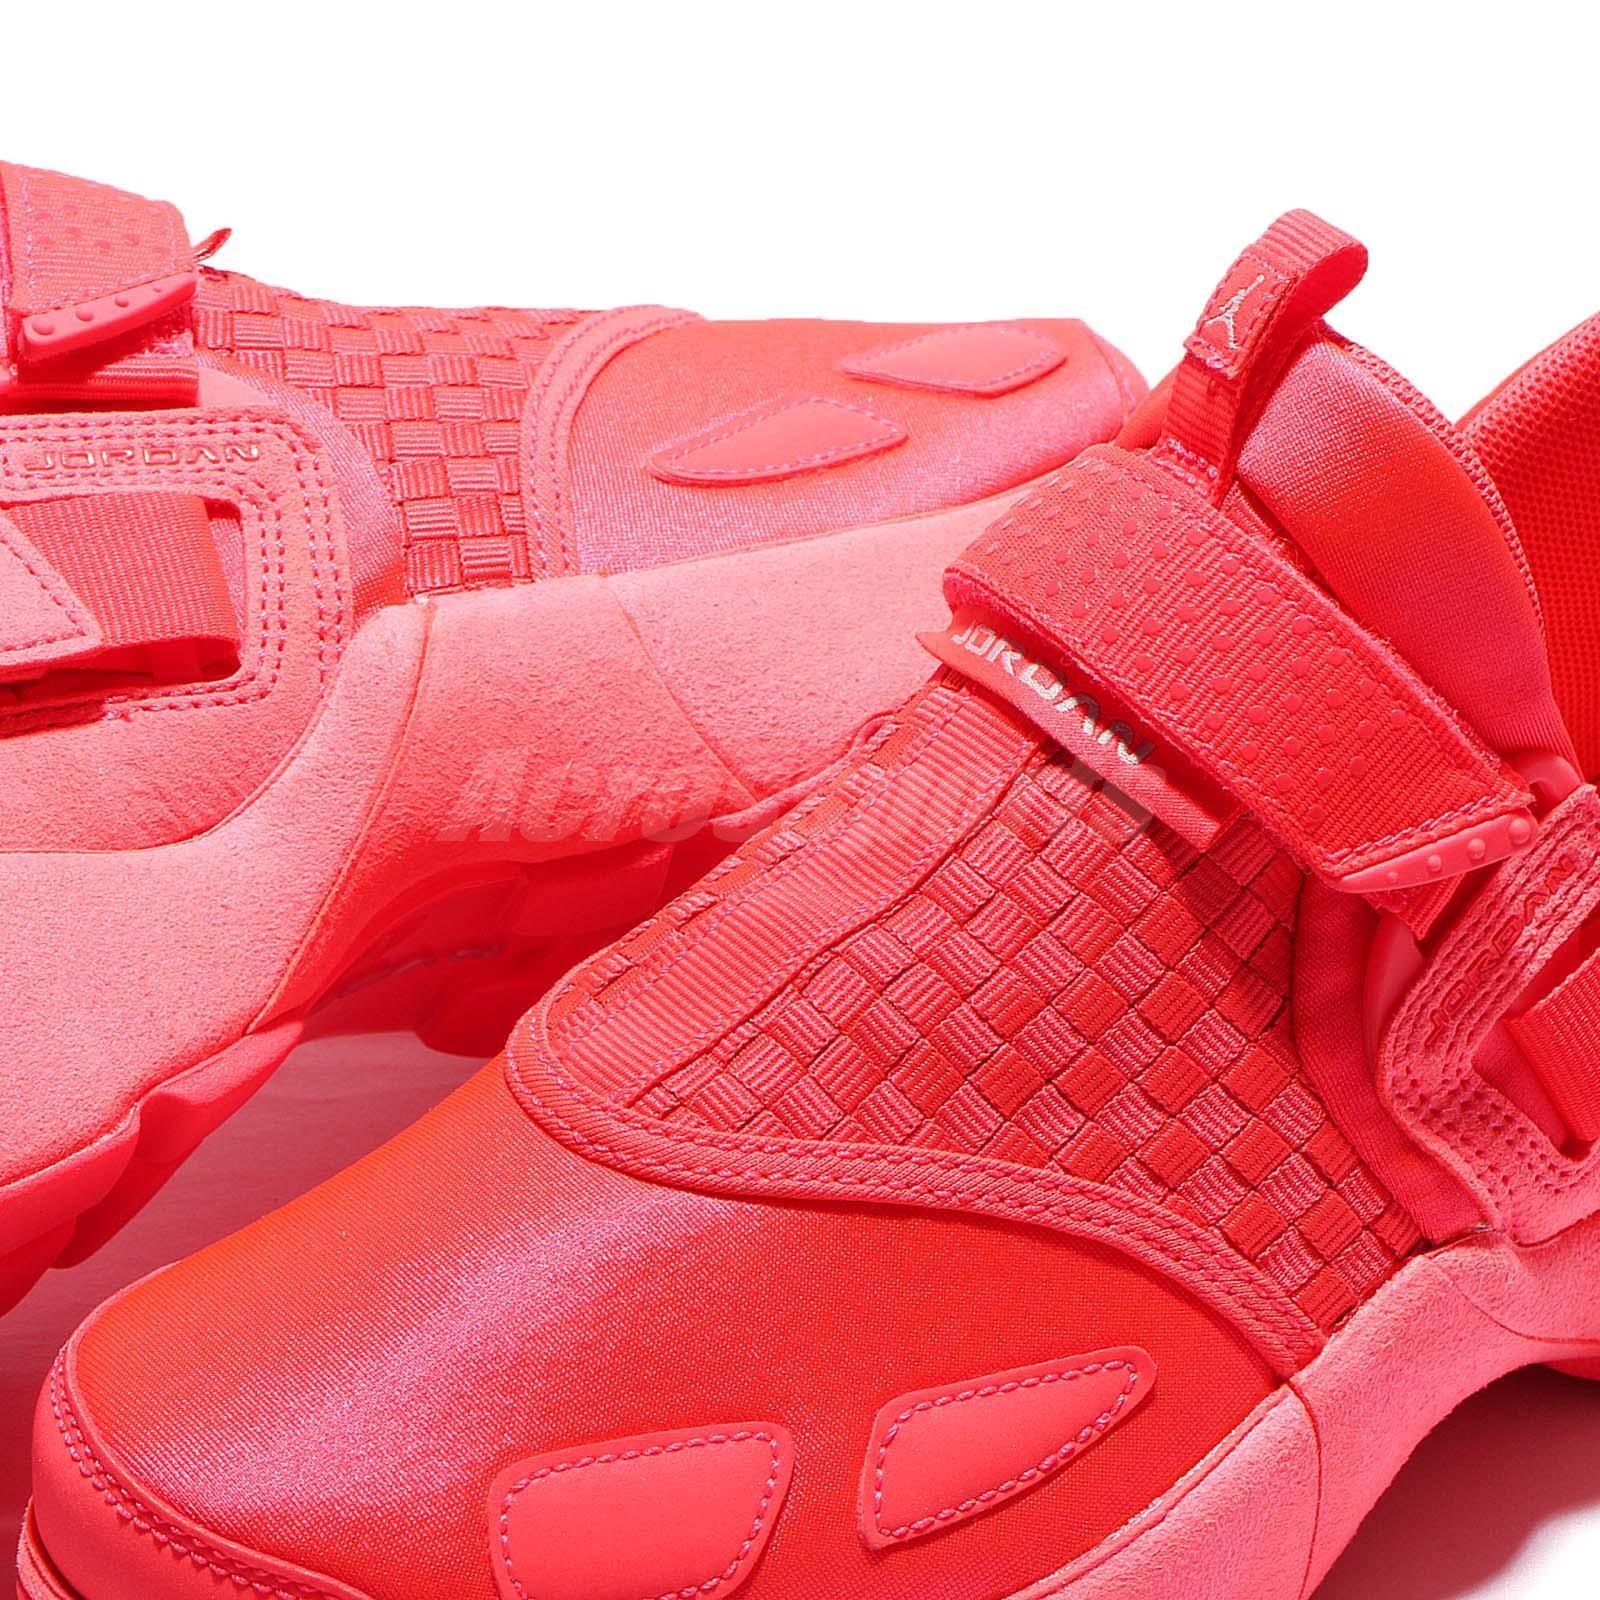 b8b428d3fac0 Nike Jordan Trunner LX Energy GG Solar Red Kid Youth Women Shoes ...